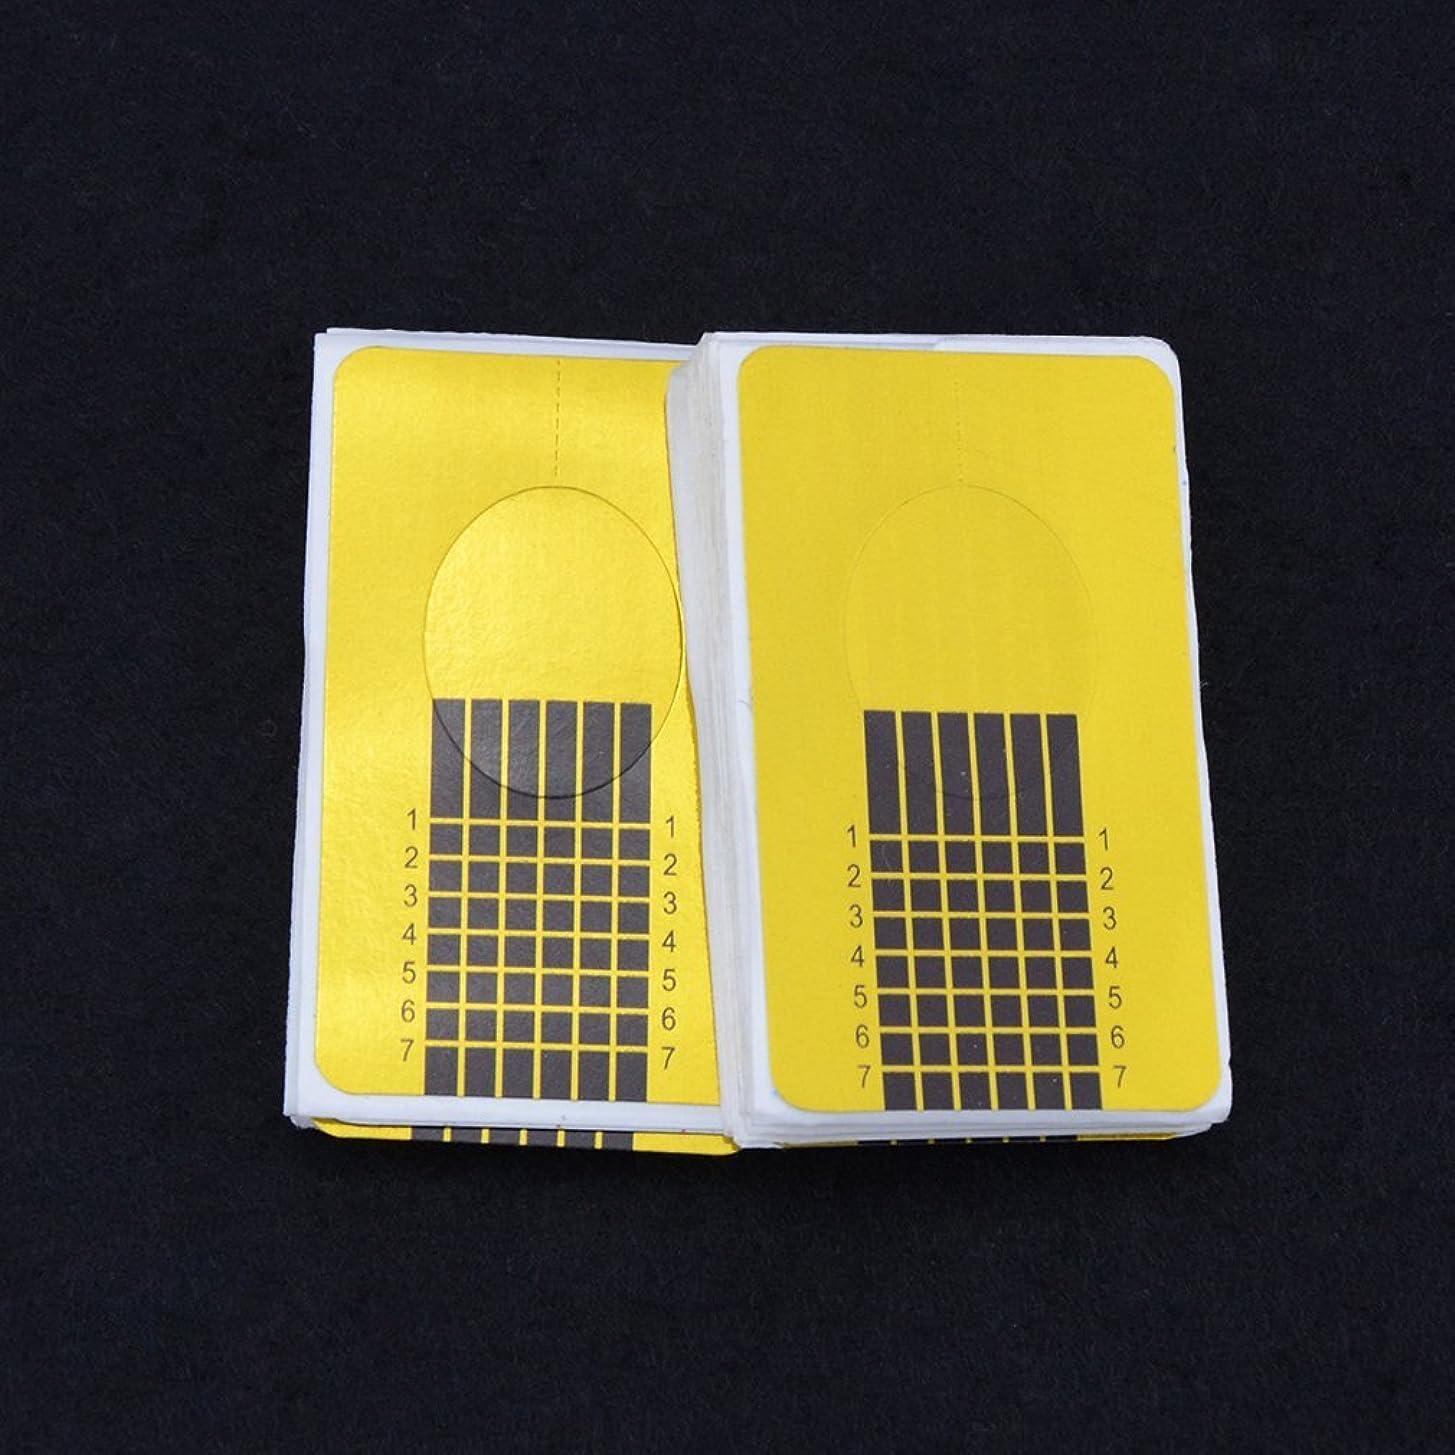 スポンジ記念品水陸両用エリートナインナイン ジェルネイル ネイルフォーム ガイドテープ 長さだし 20枚入り